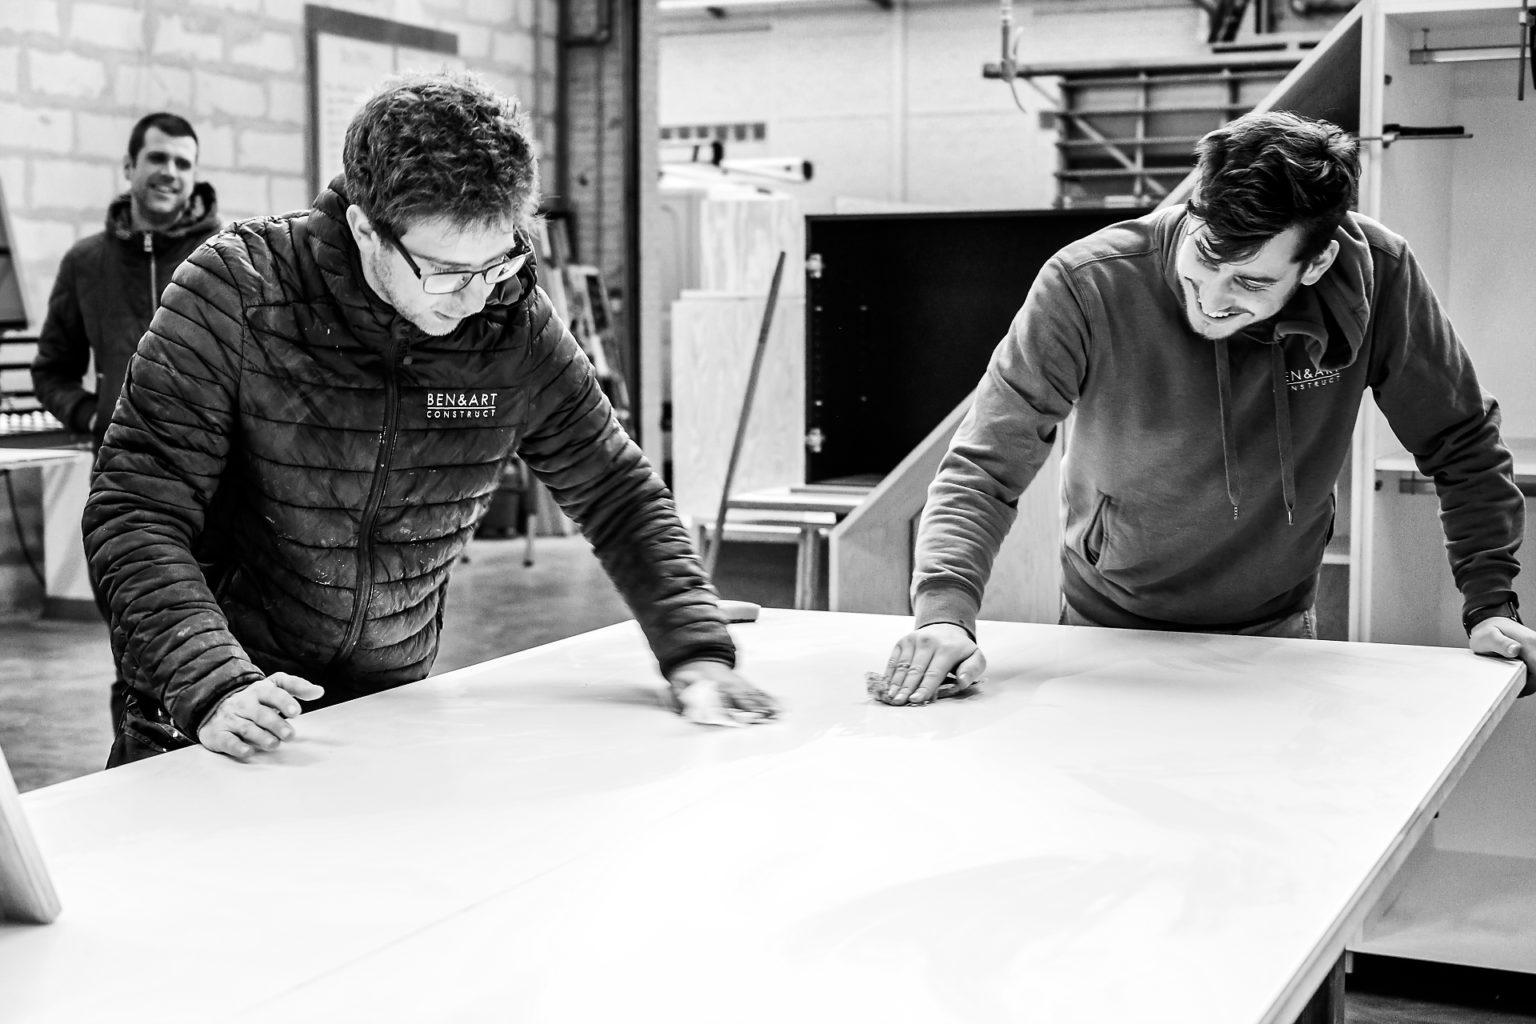 Benjamin Keizer, ben & Art Construction, portrait d'entrepreneur par Aurore Delsoir photographe d'entreprise